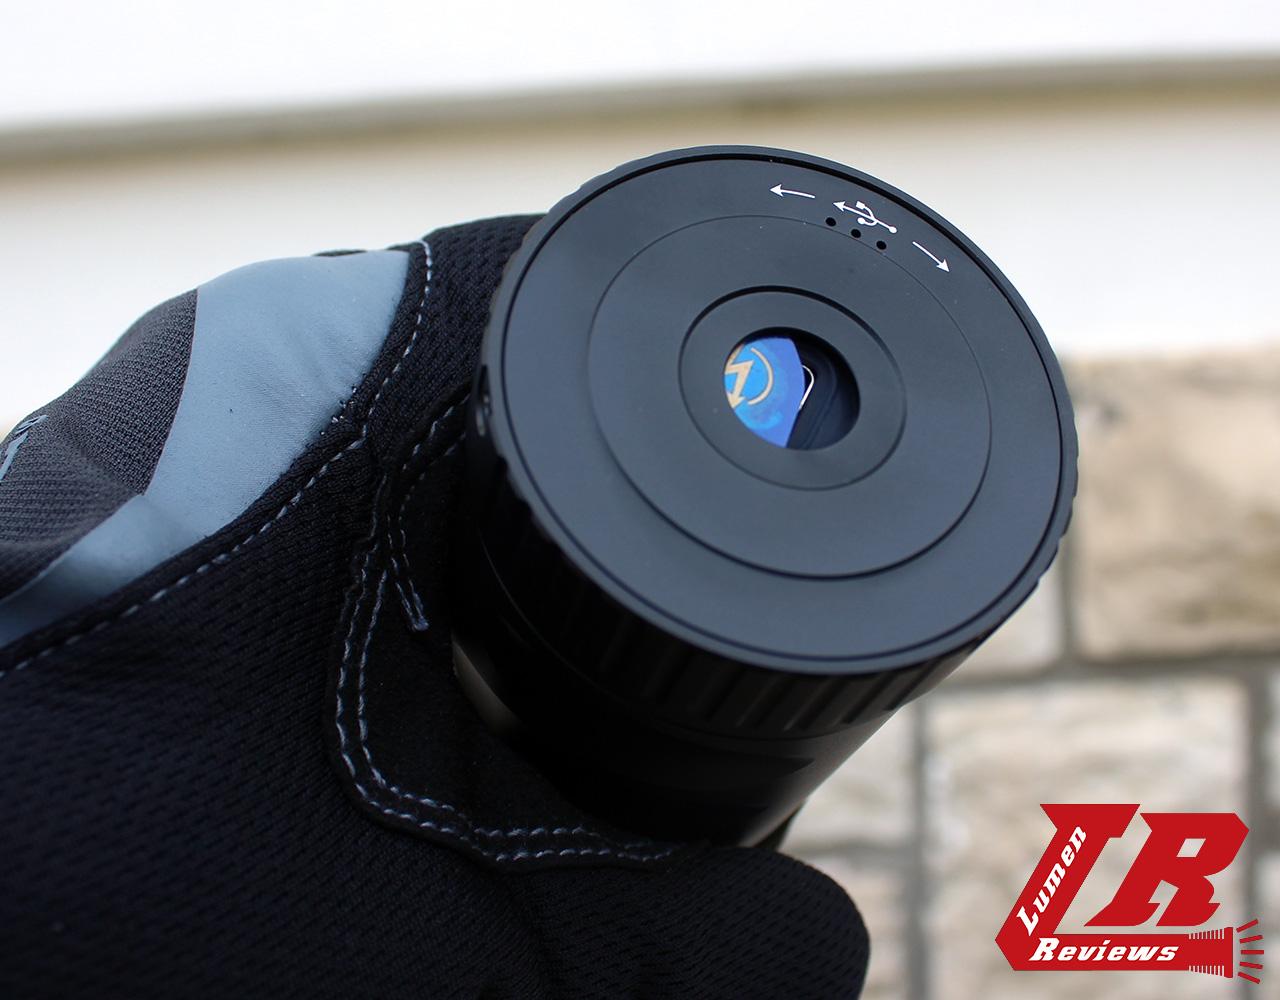 Olight X7R 15